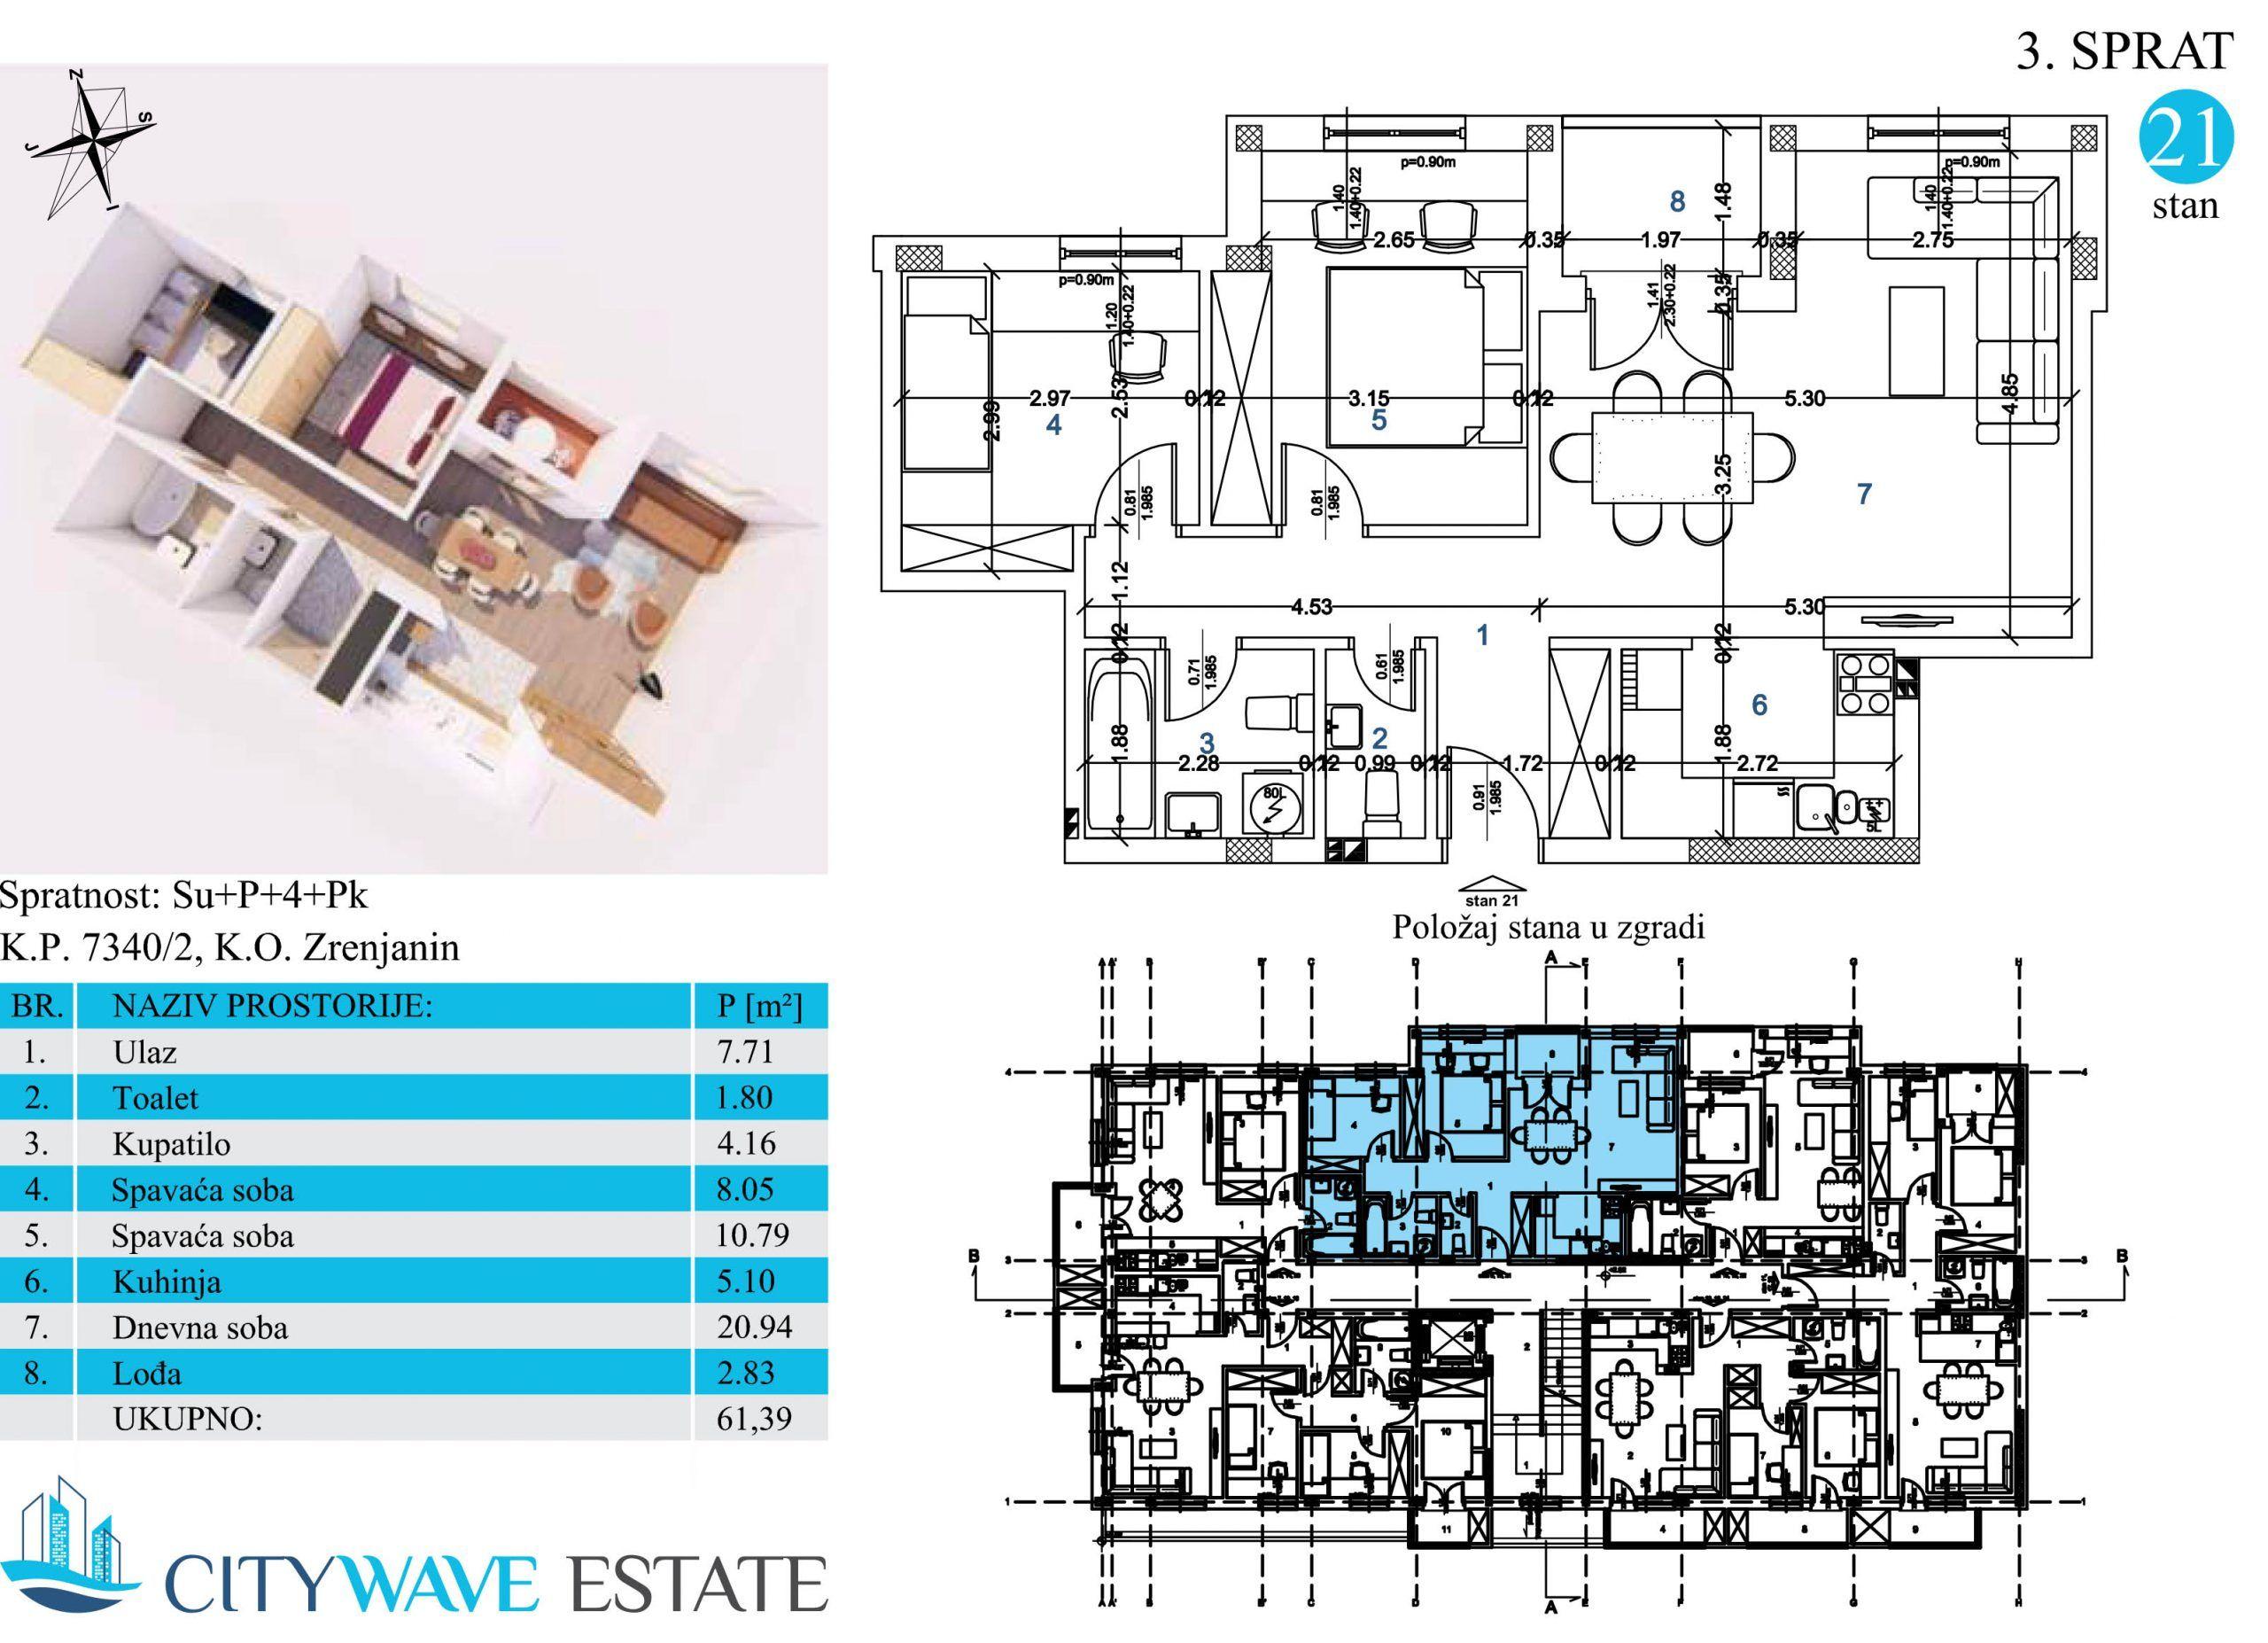 Stan 21 površine 61,39m2